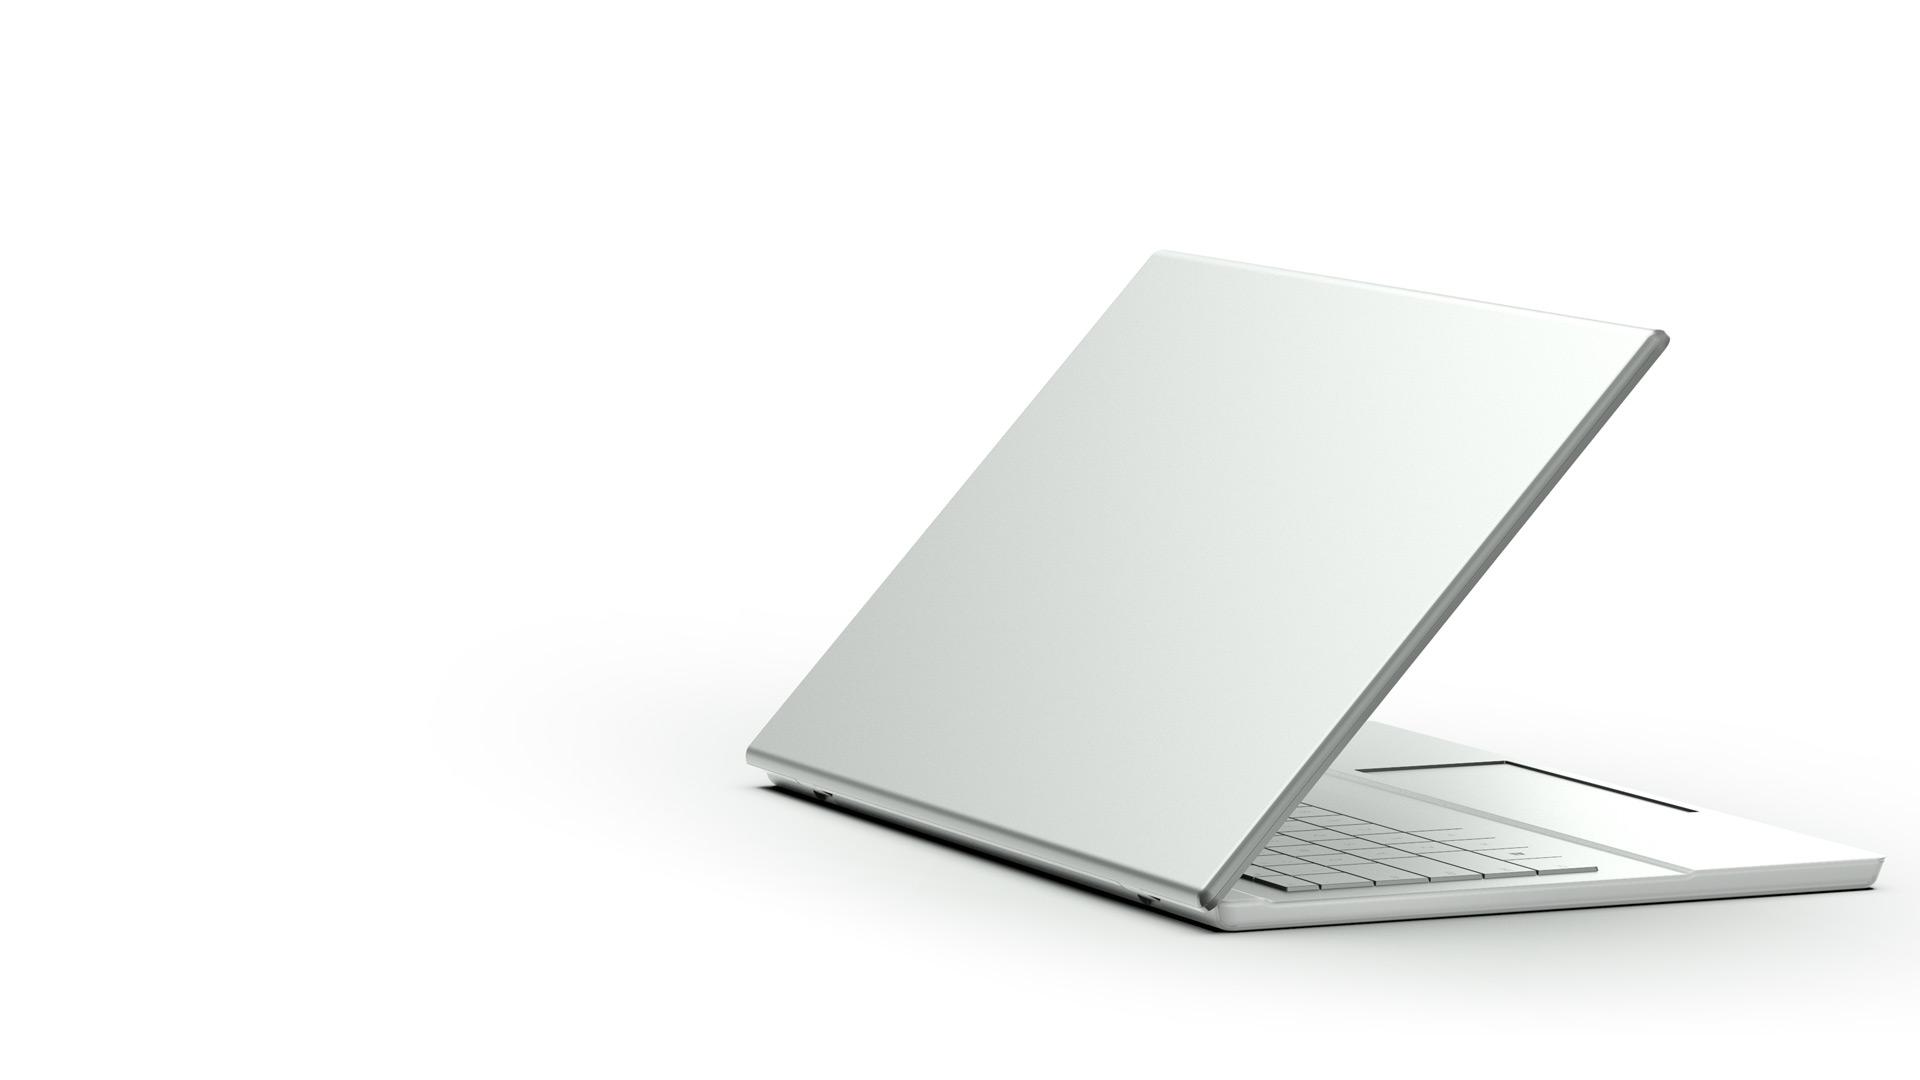 Hrbtni del odprtega prenosnega računalnika s sistemom Windows 10